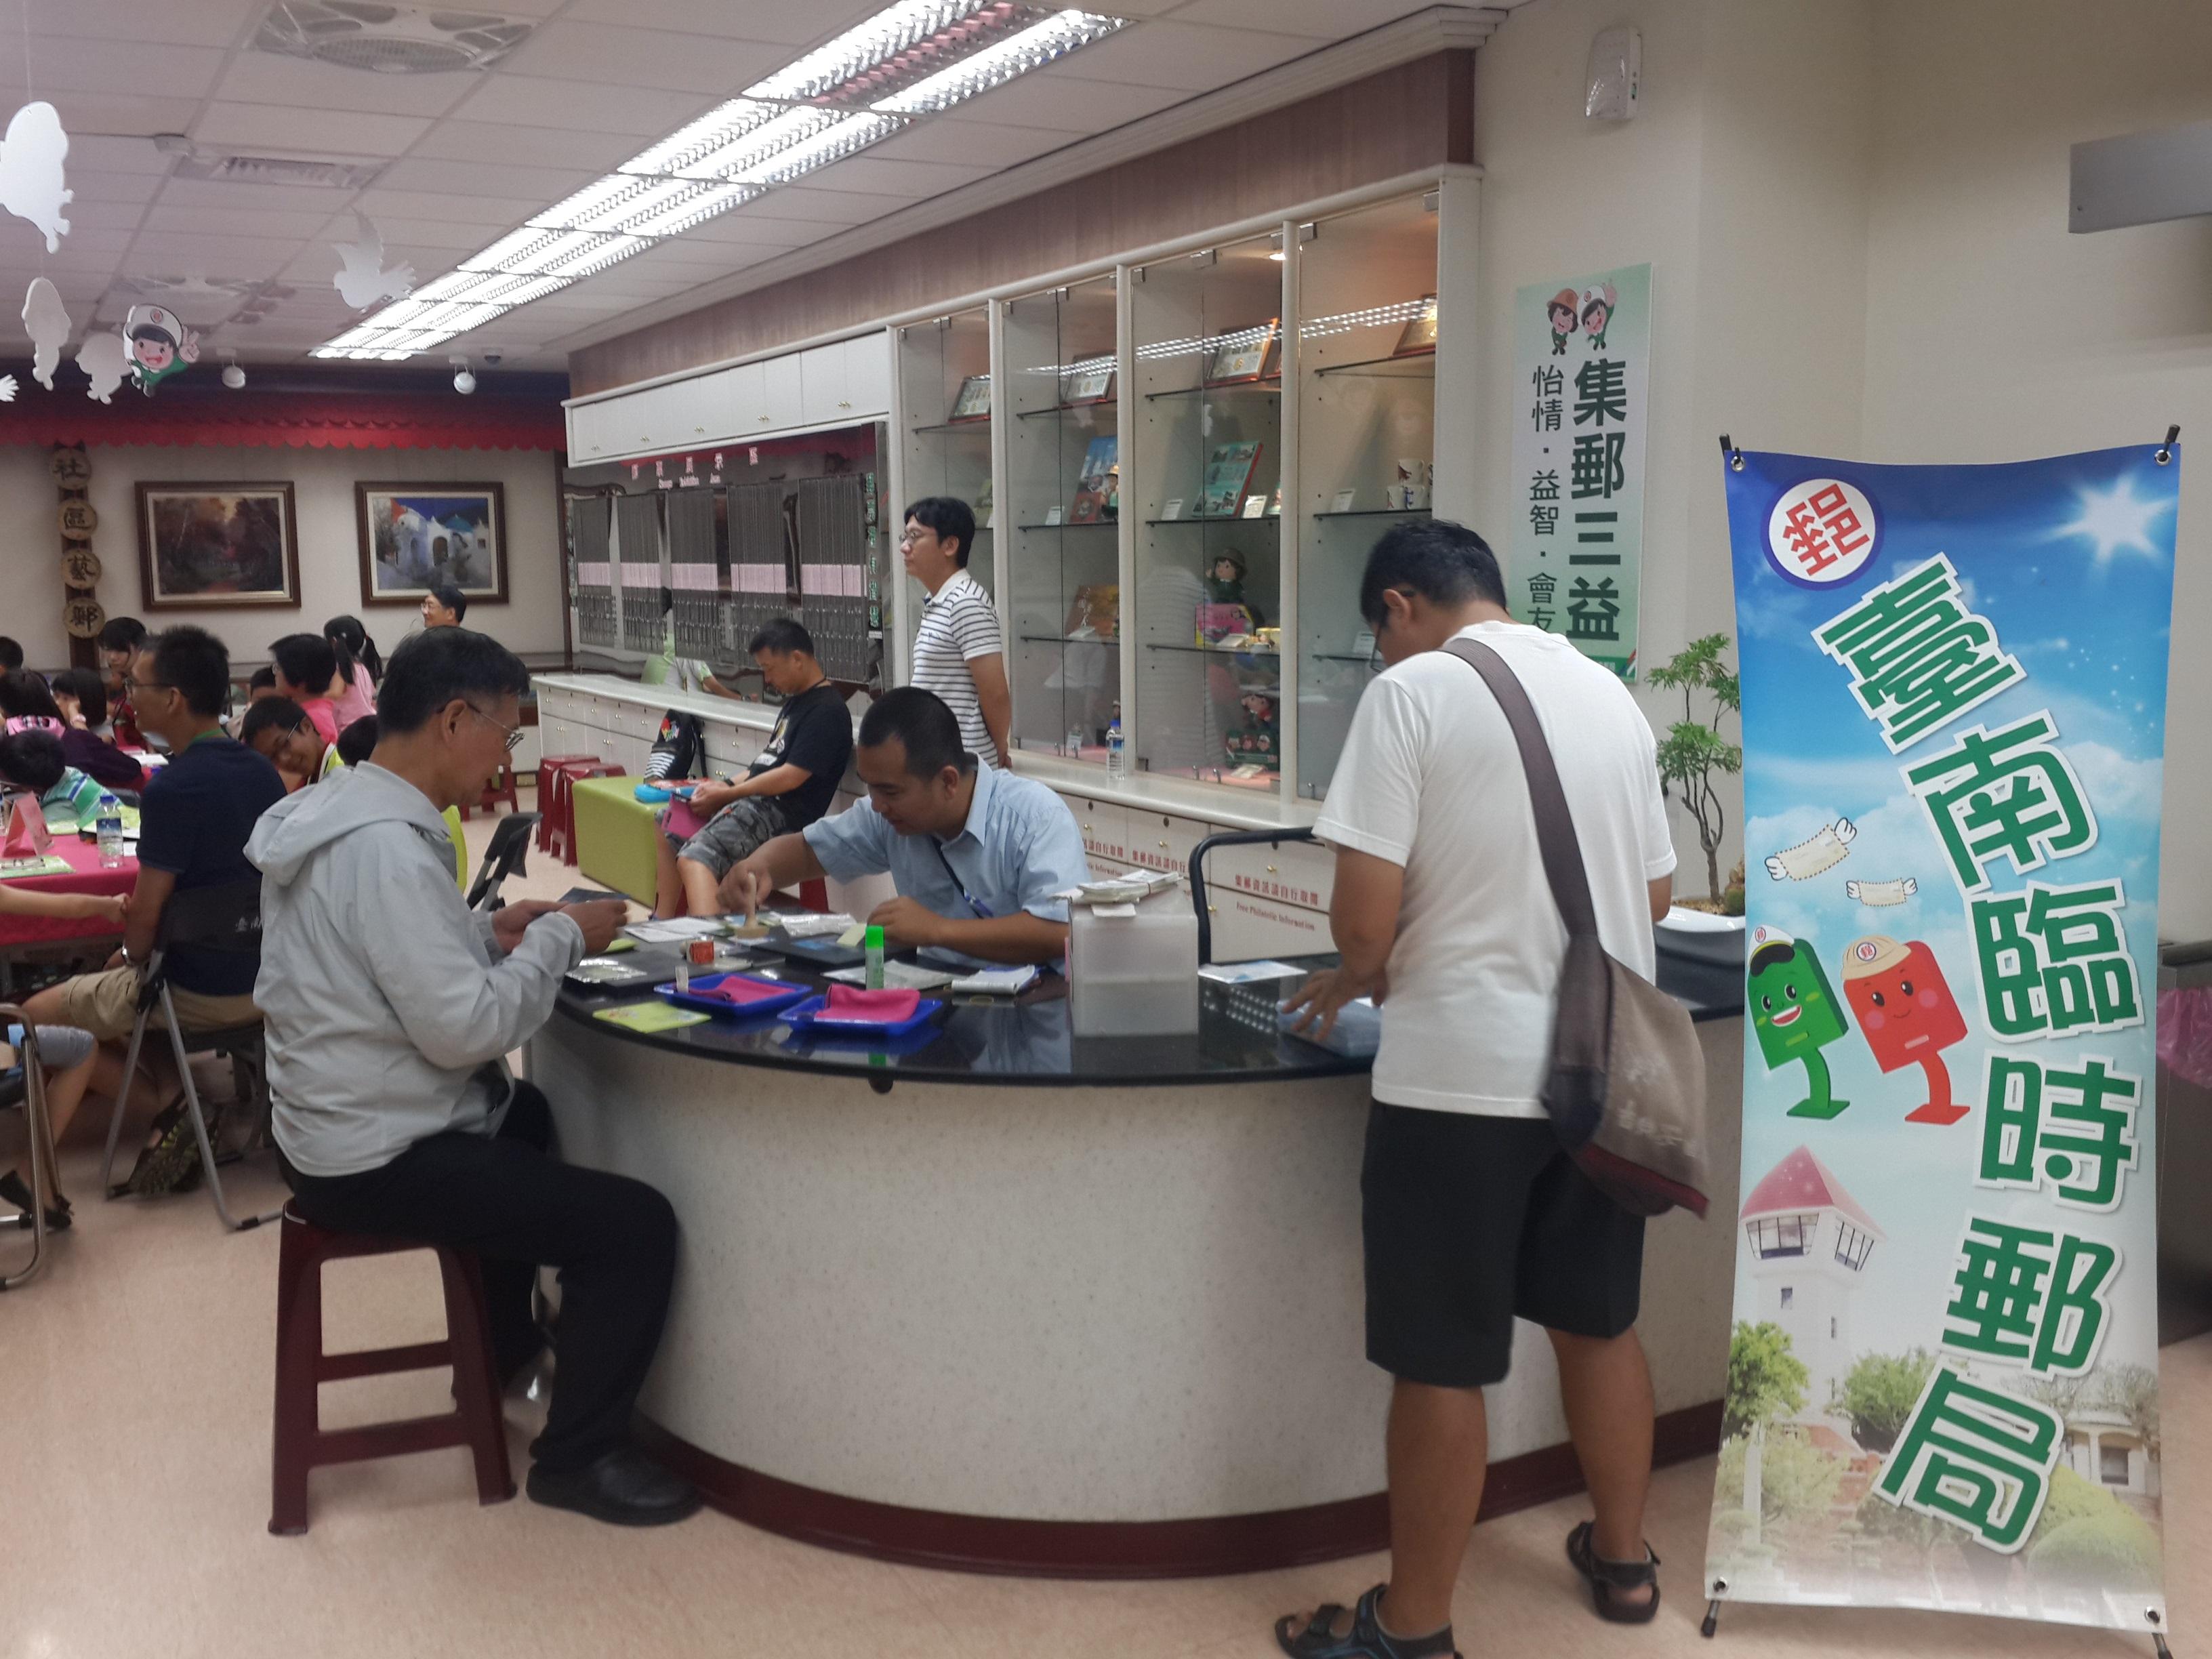 臺南郵局107年暑期親子集郵研習營活動